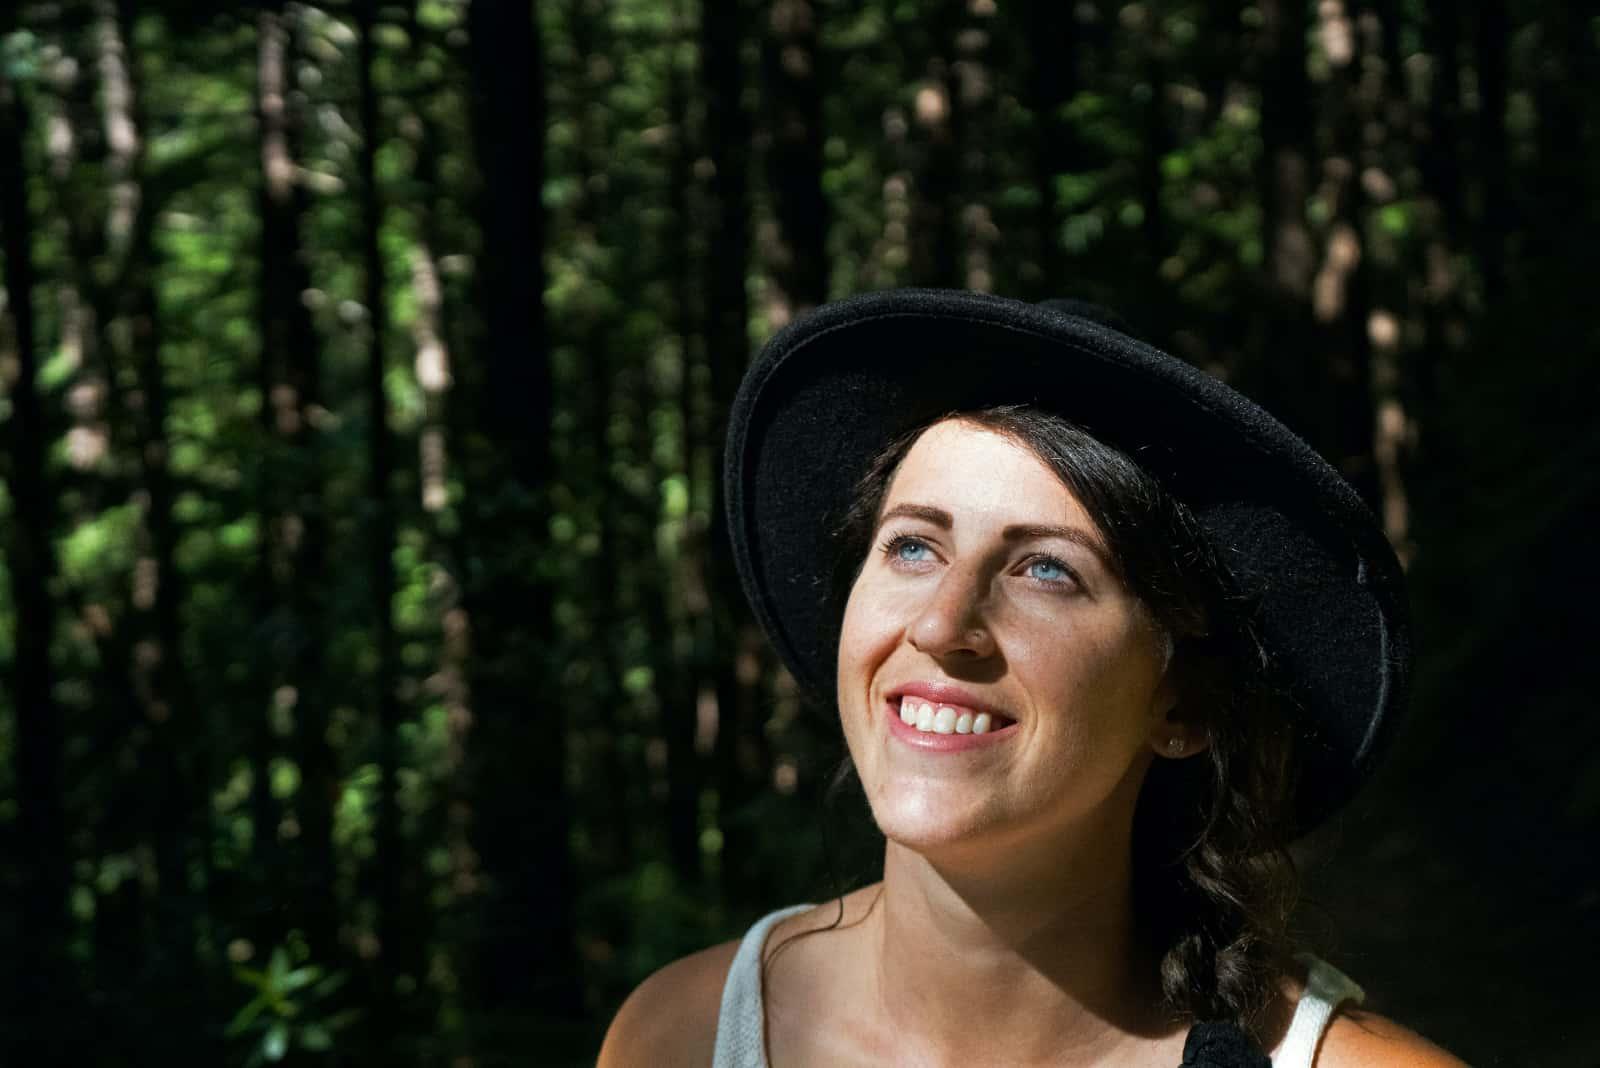 femme aux yeux bleus souriant dans une forêt